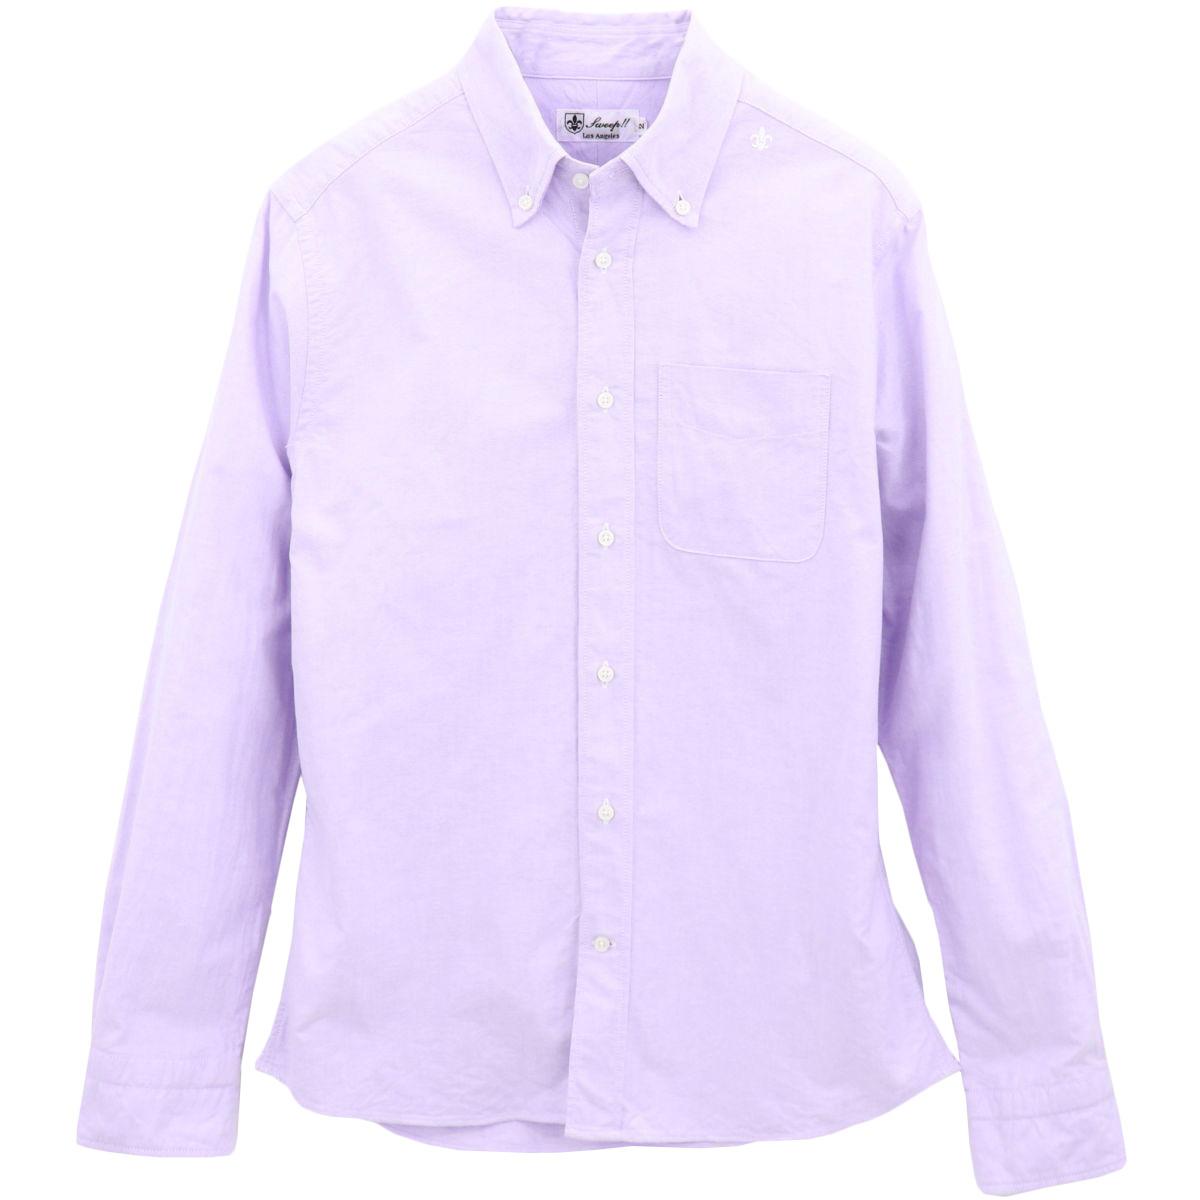 ★定番 オックスフォード ボタンダウンシャツ 長袖(10colors)